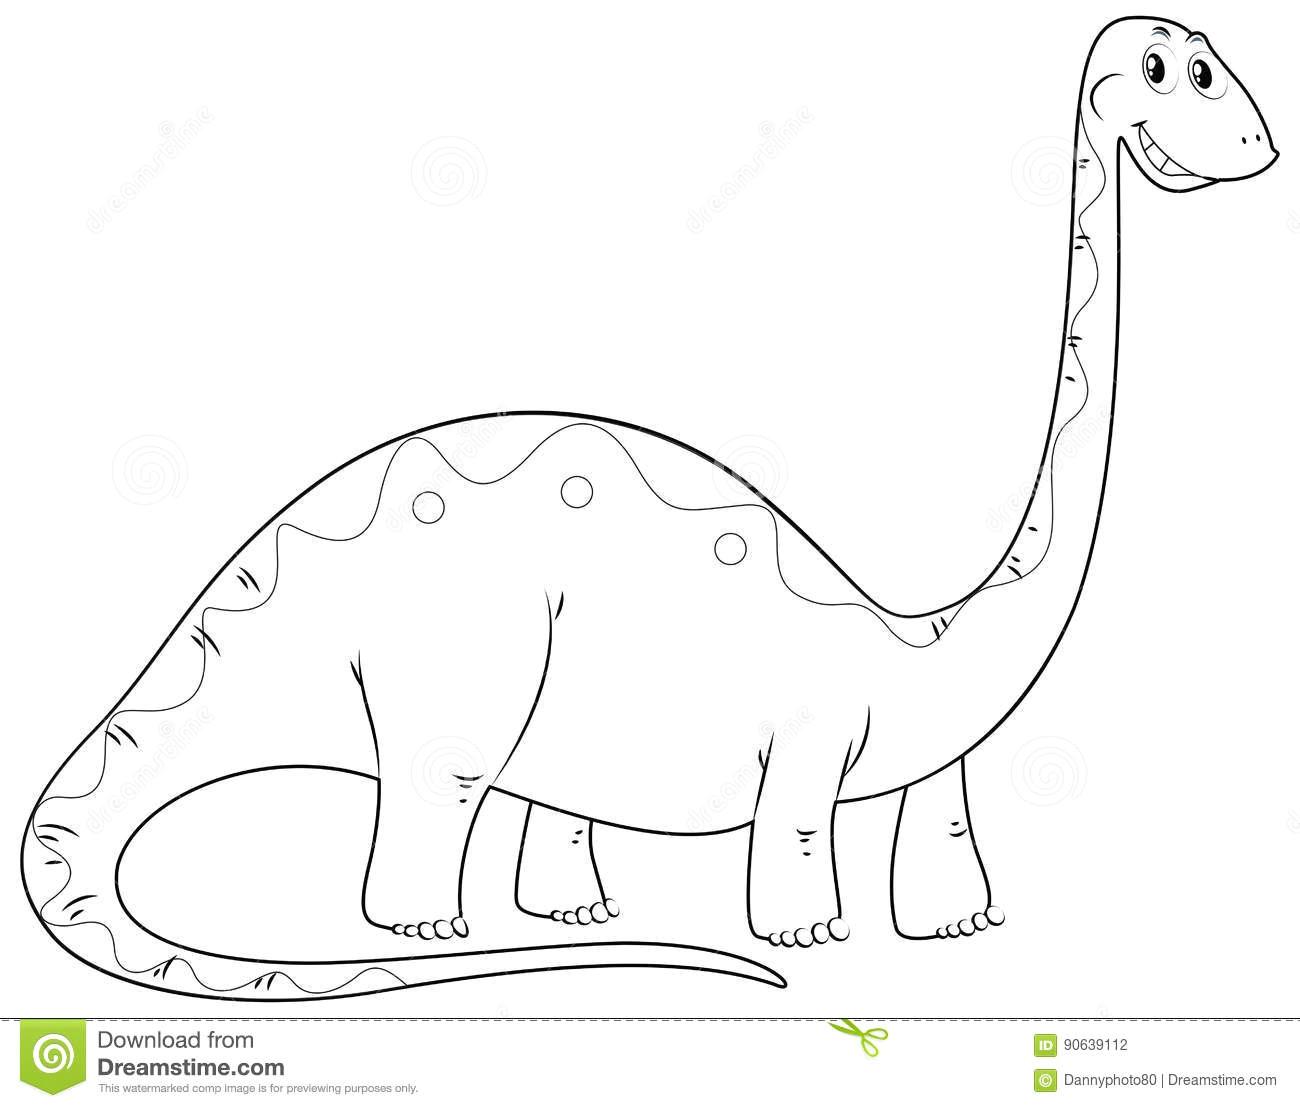 animal outline for dinosaur long neck